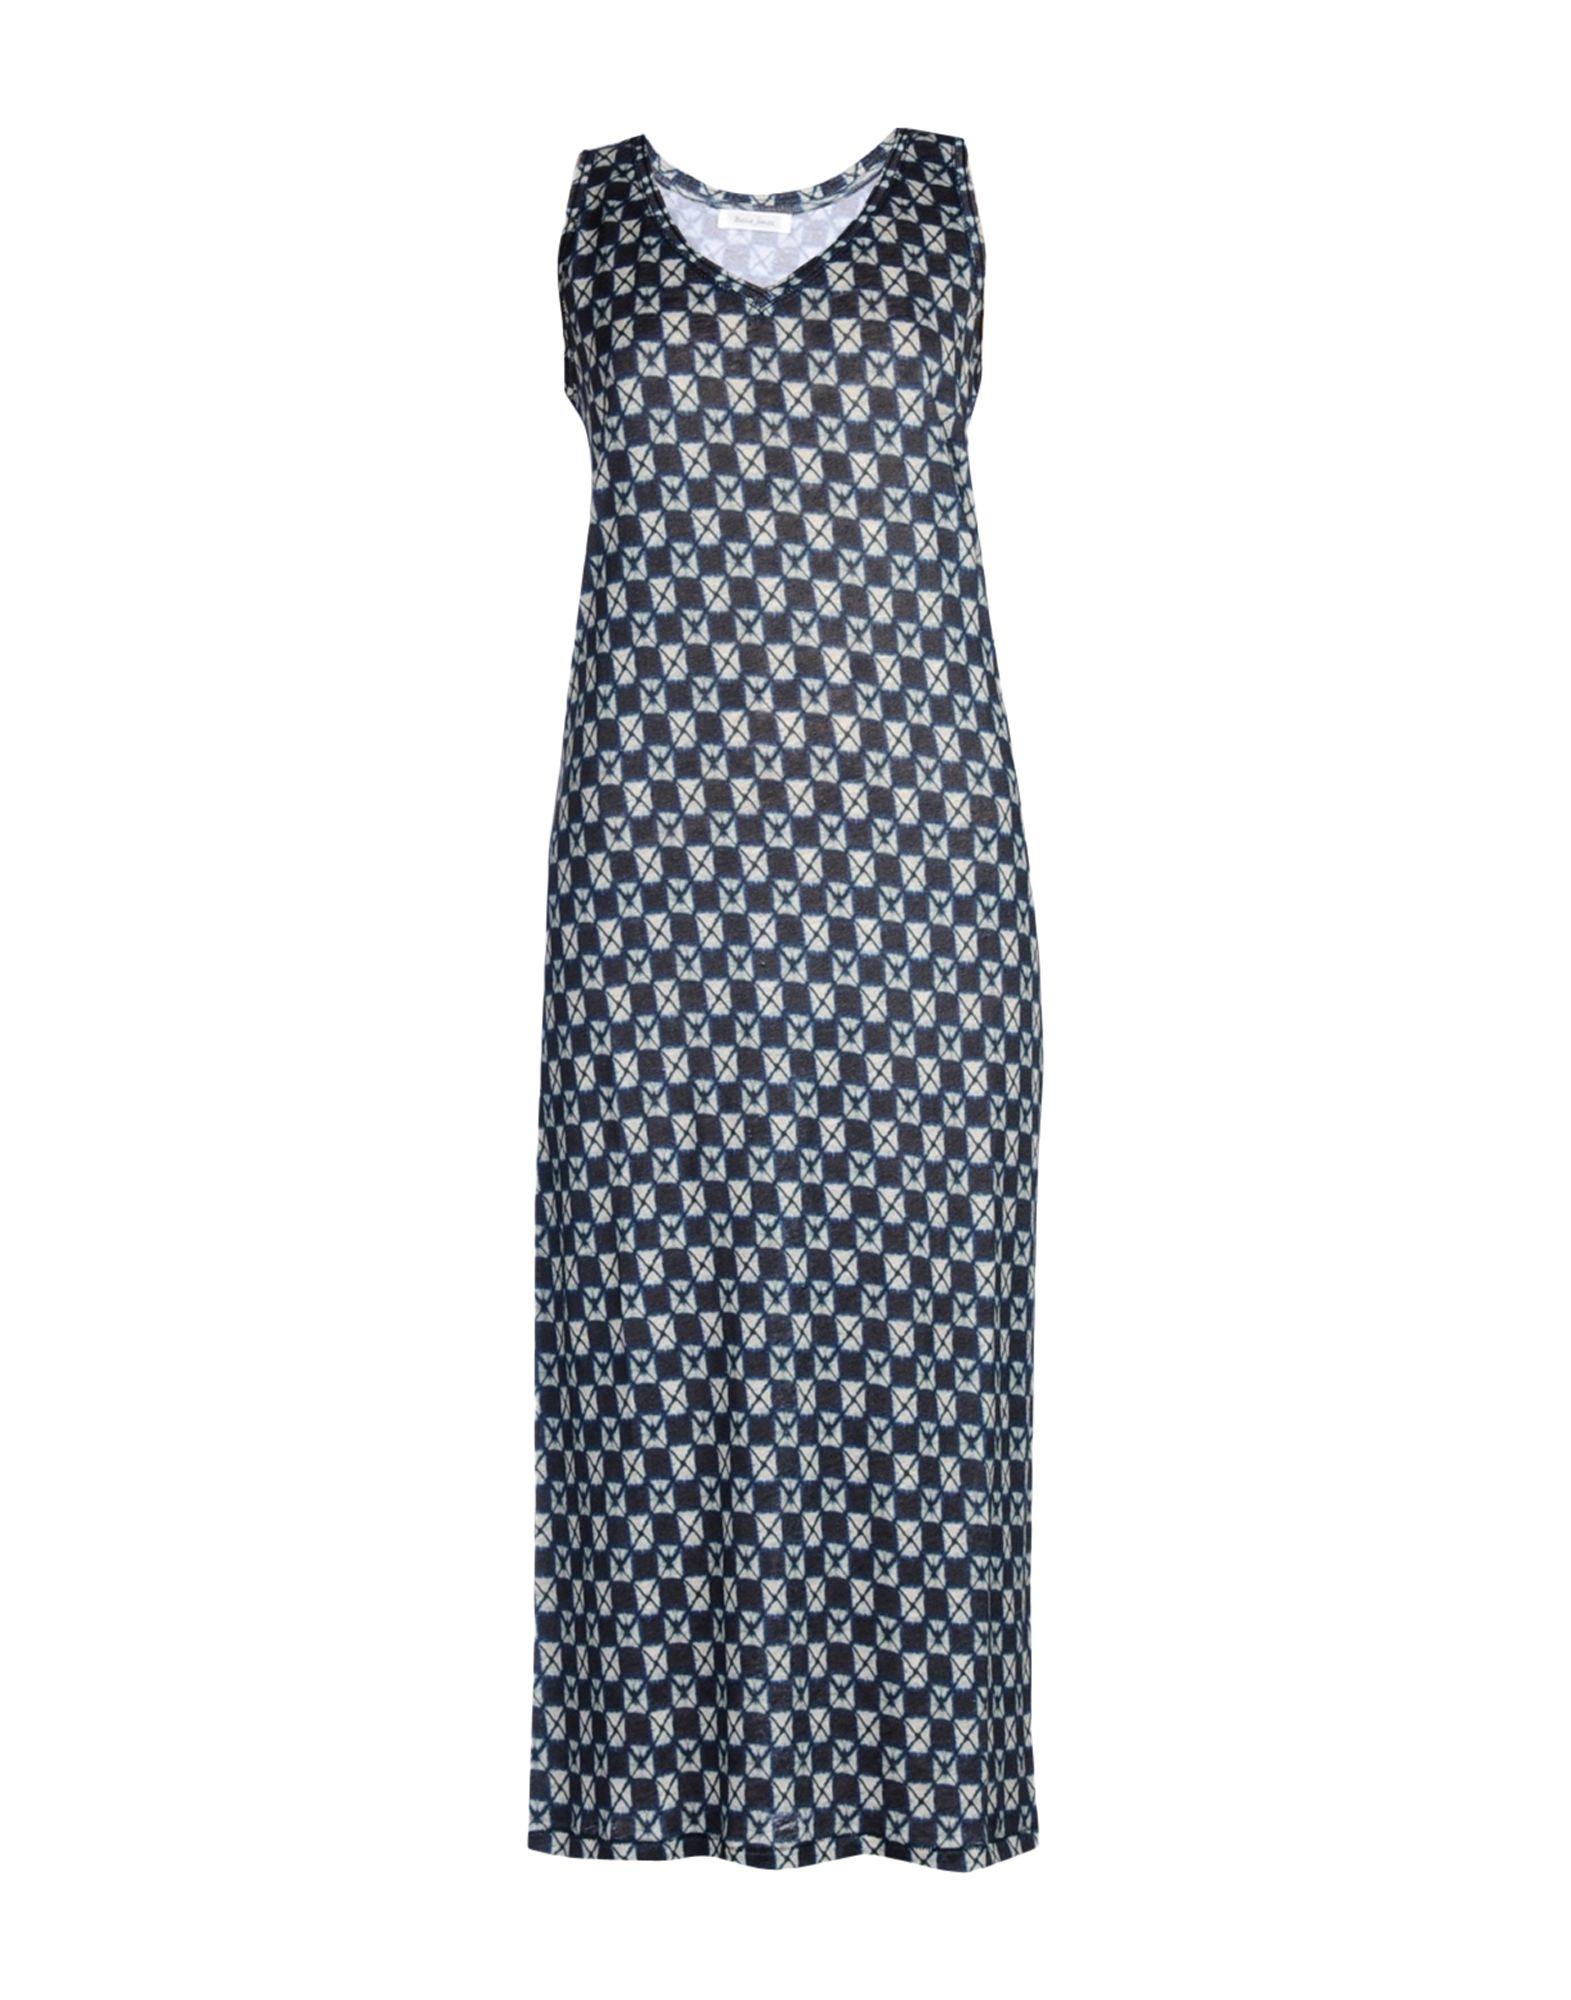 BELLA JONES Платье длиной 3/4 lisa corti платье длиной 3 4